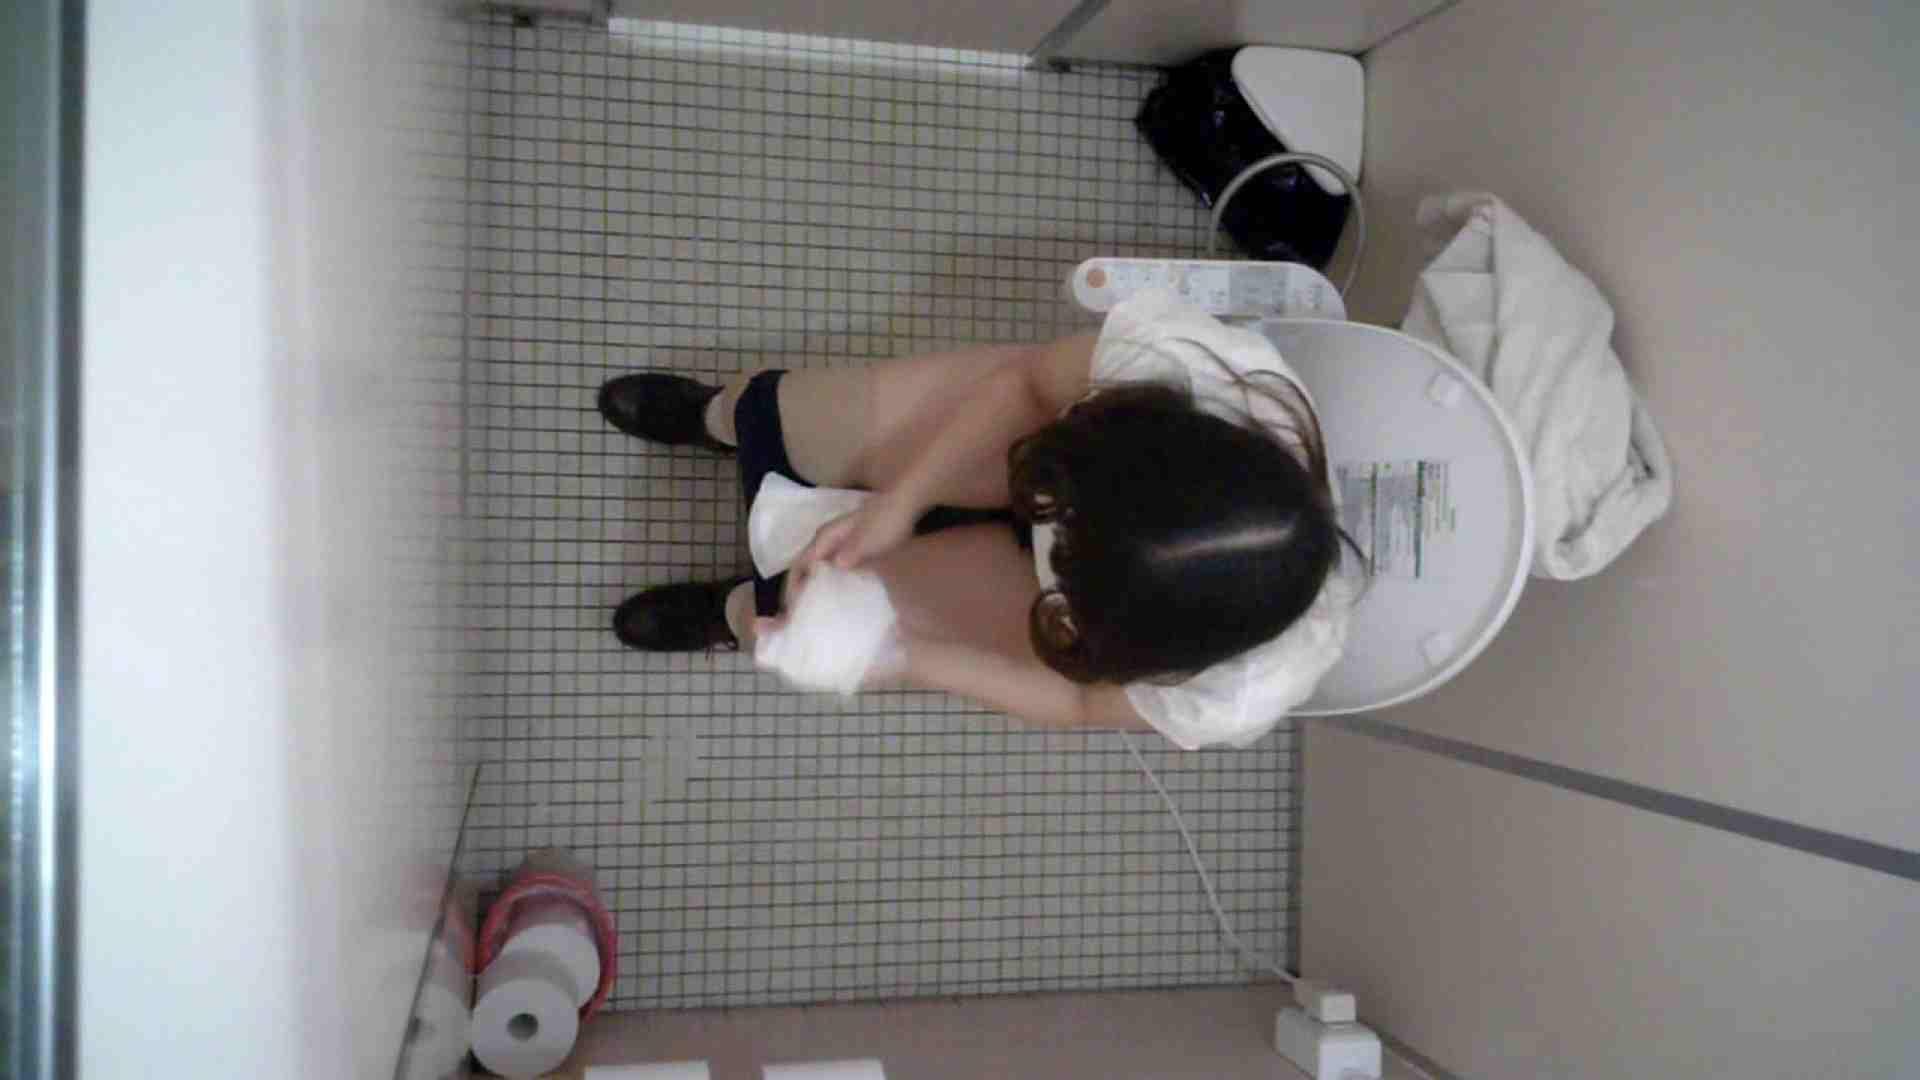 有名大学女性洗面所 vol.43 いつみても神秘的な世界です。 潜入突撃 セックス画像 103pic 42